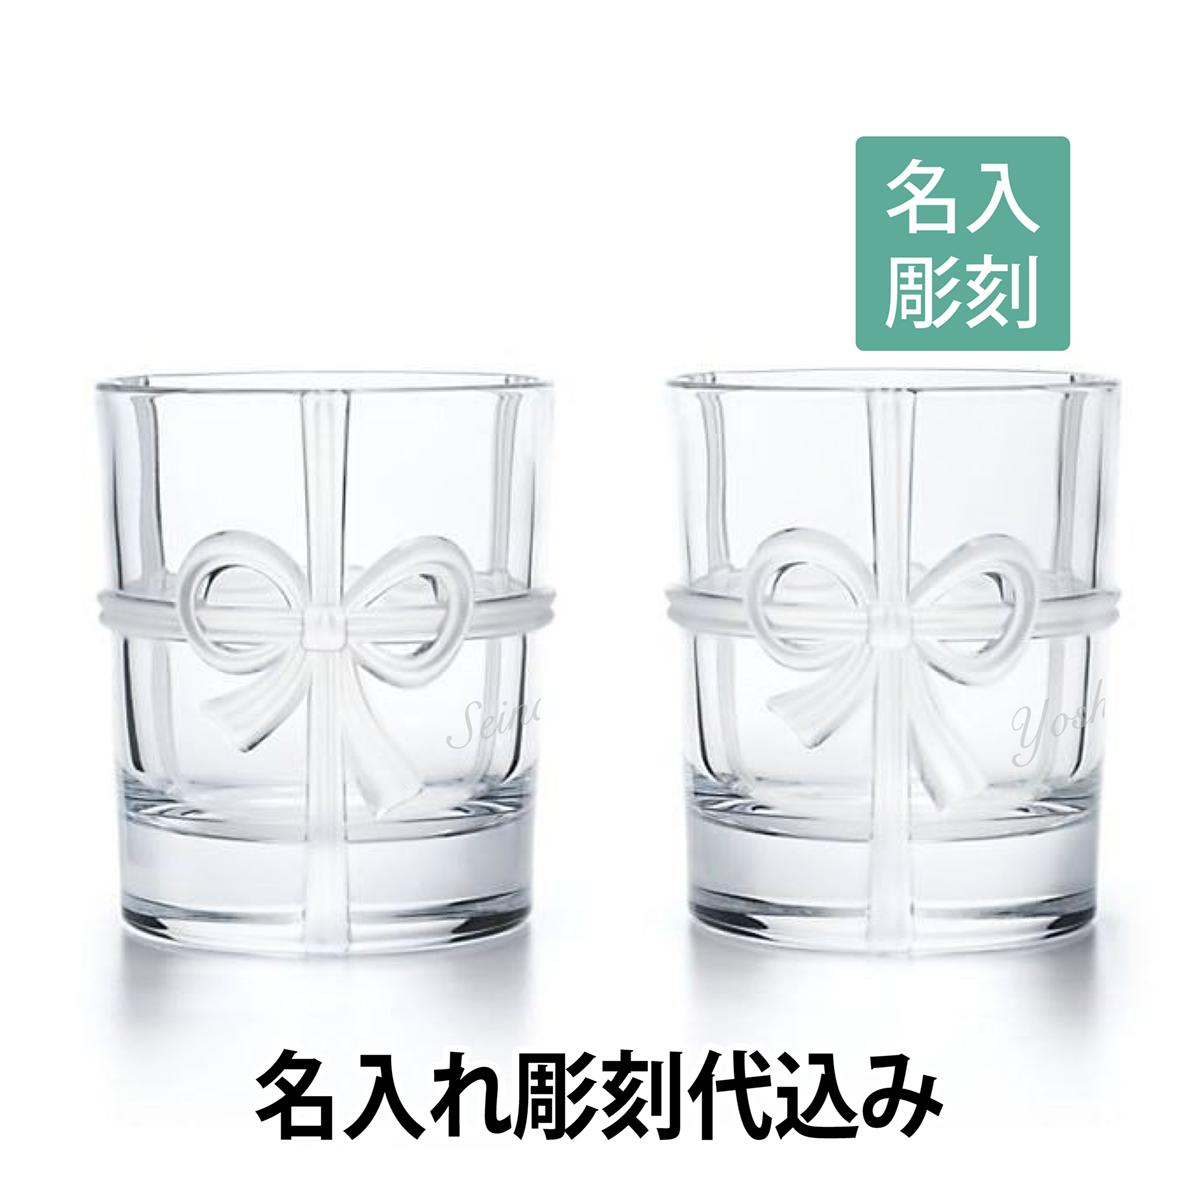 【名入れ彫刻】【ボックス・紙袋付】TIFFANY/ティファニー ボウ グラス ペア 名入れ彫刻代込み